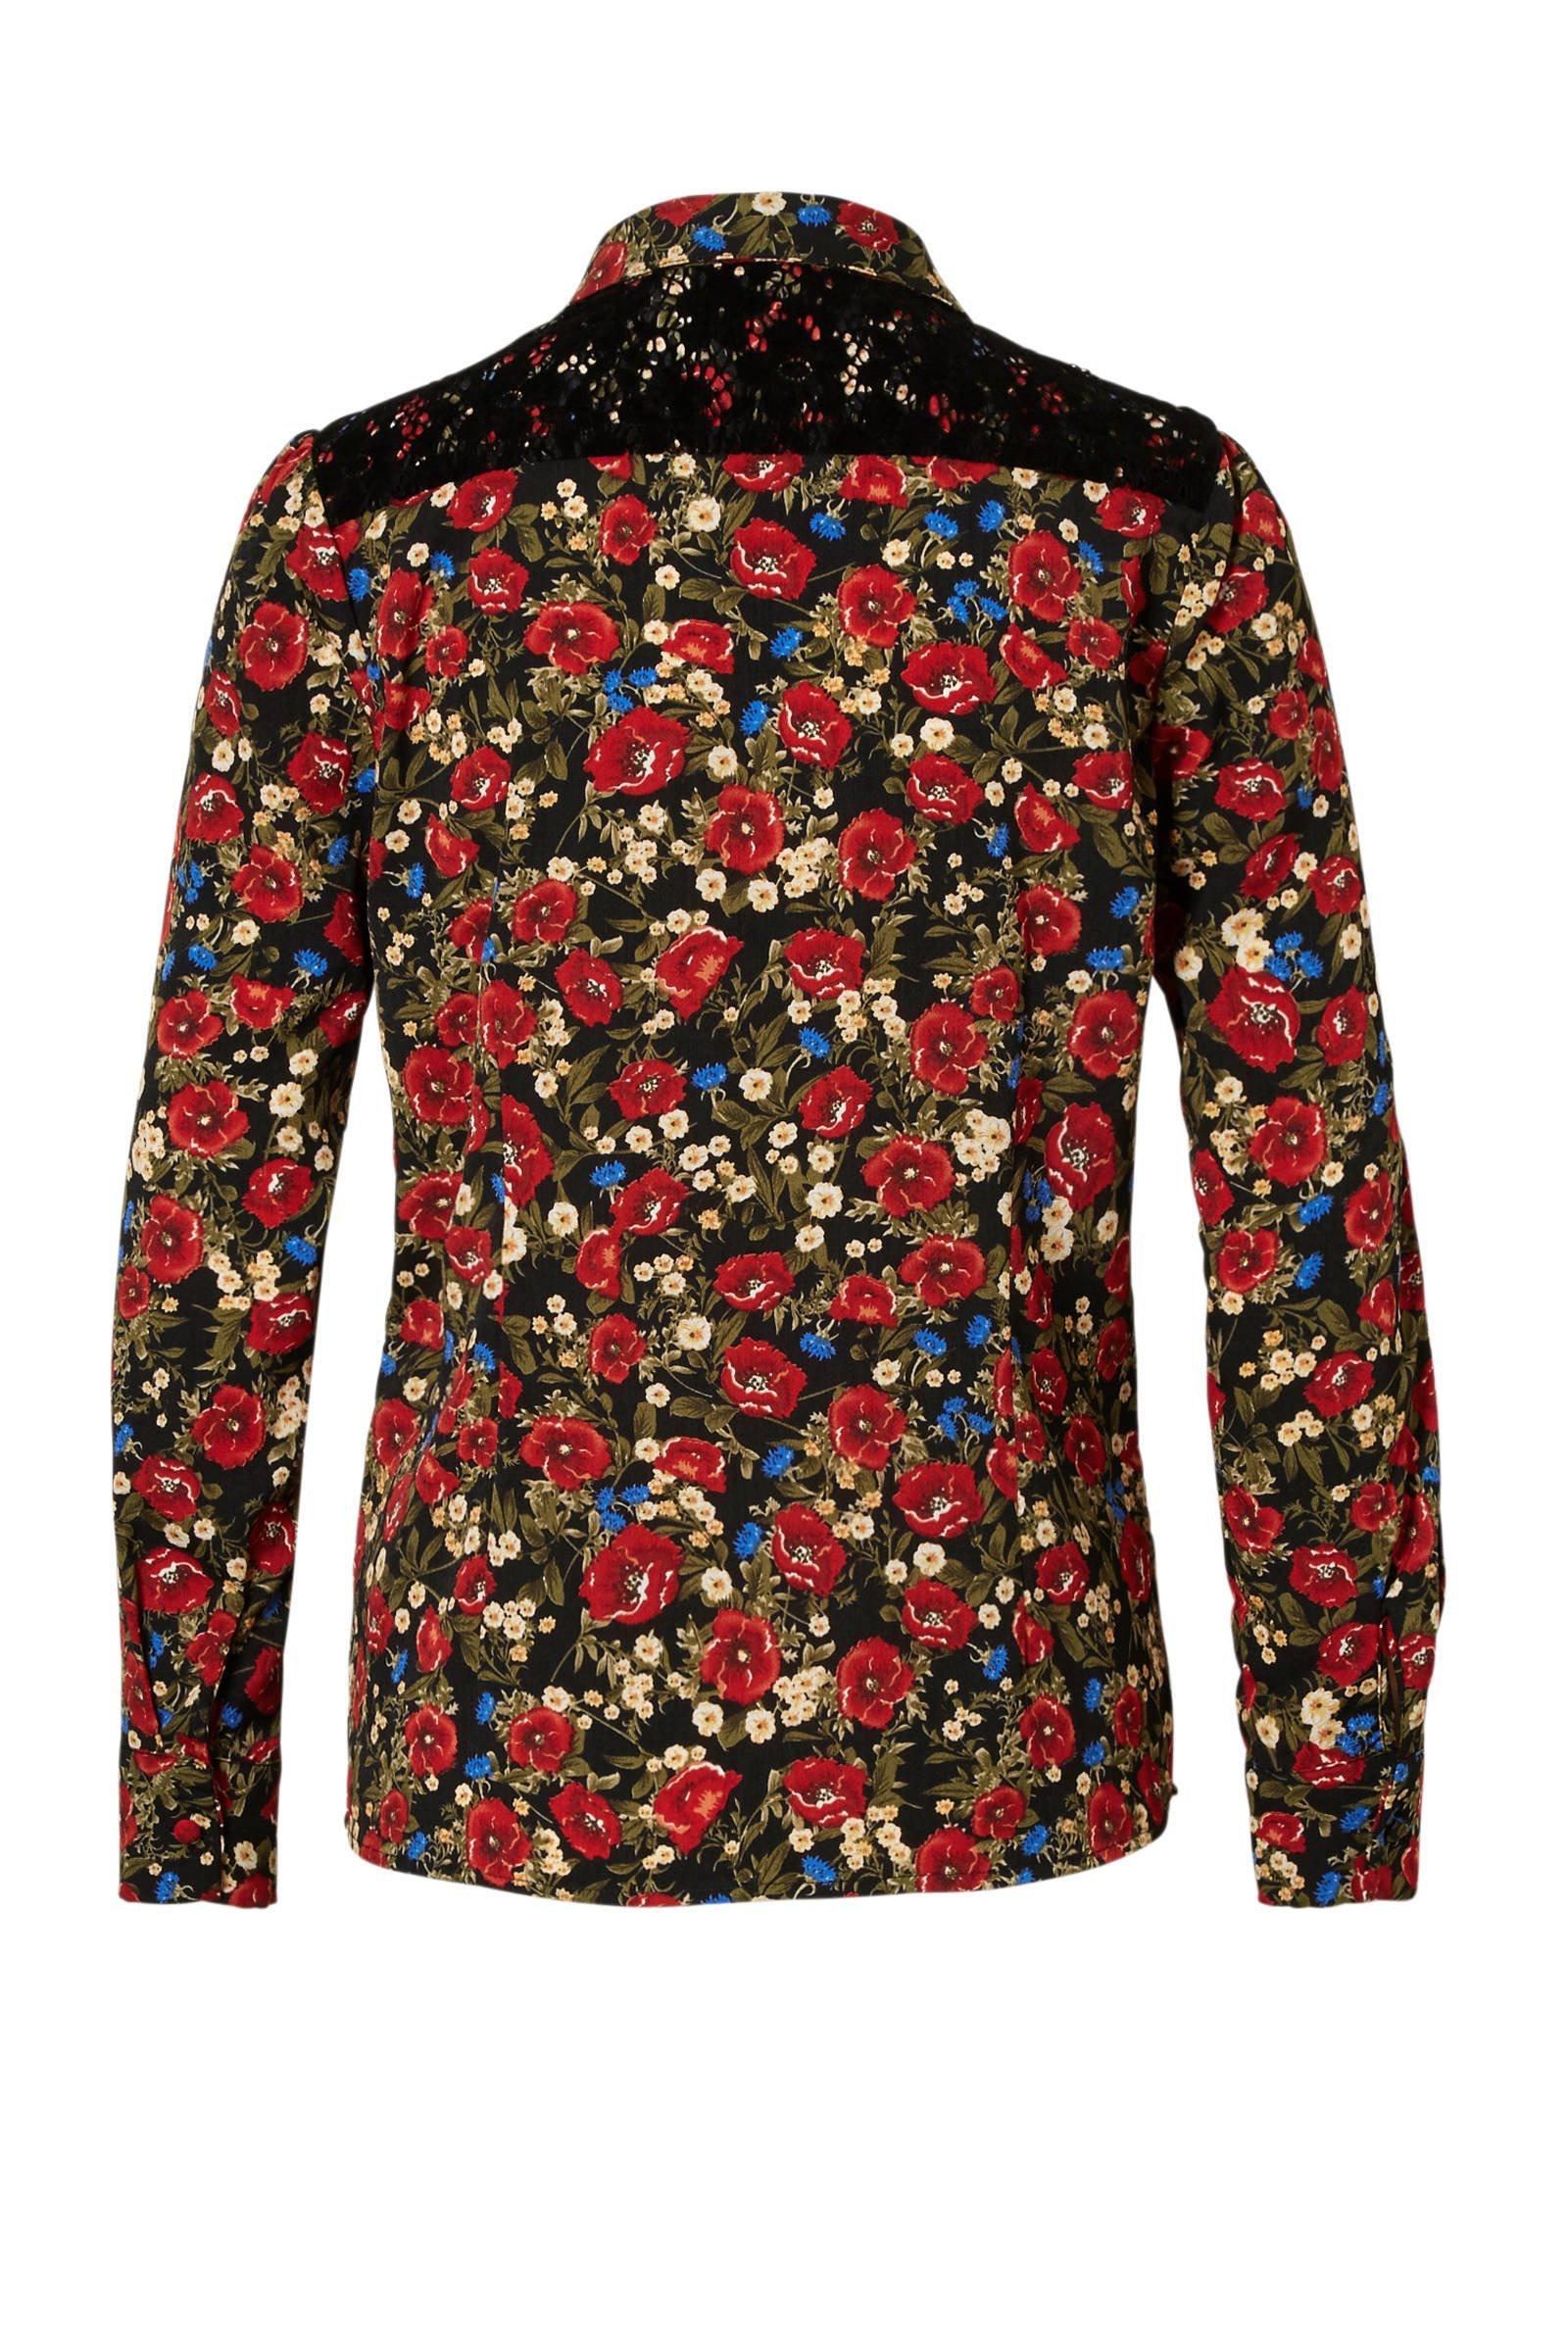 Aaiko blouse Aaiko Flora Aaiko Aaiko Flora blouse blouse Flora fK17q1xPwF